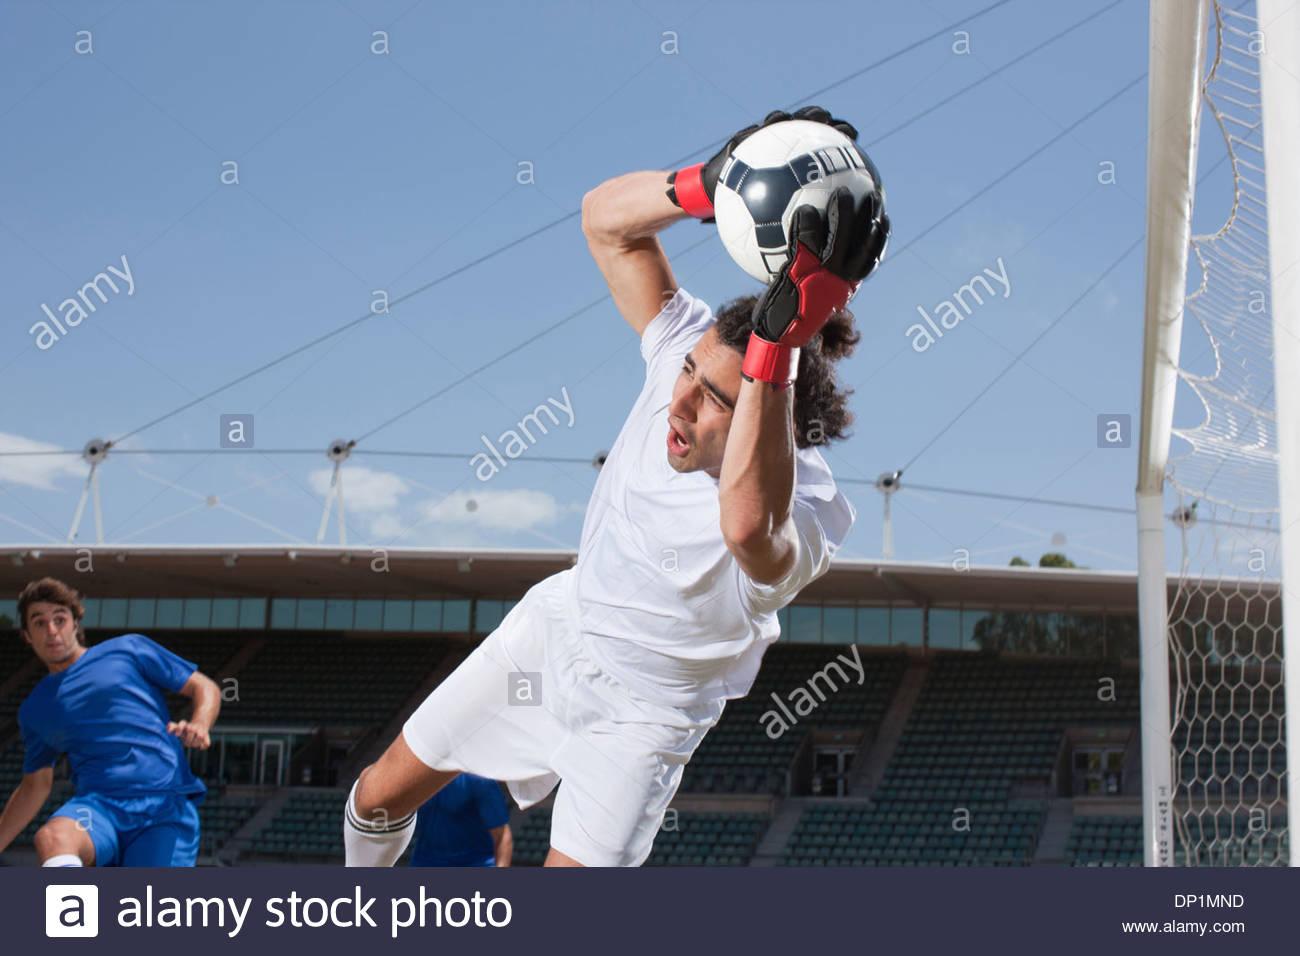 Soccer goalie catching soccer ball - Stock Image